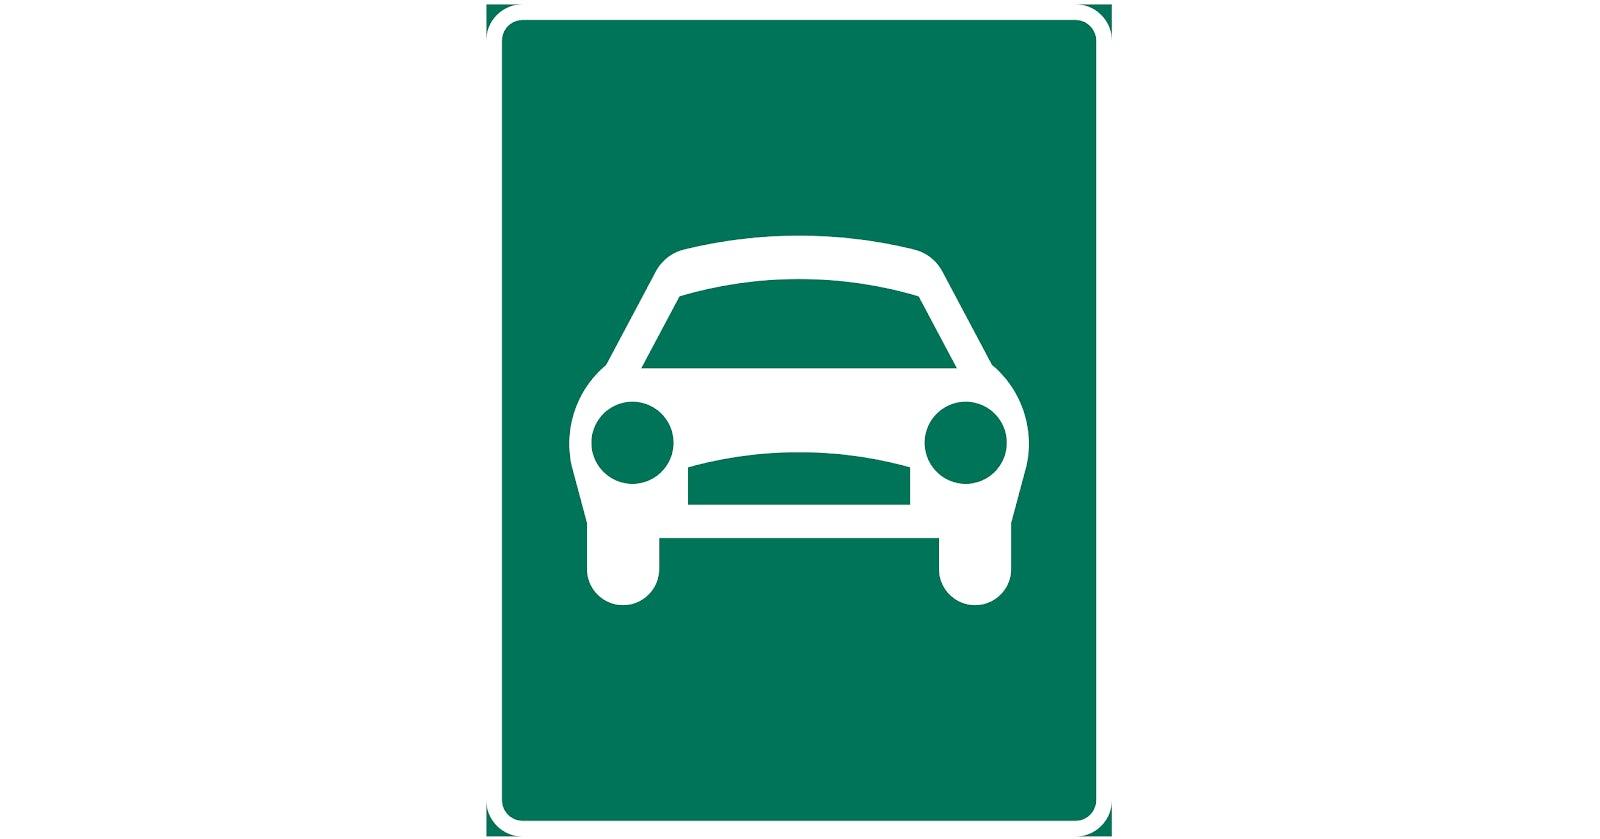 En grön skylt som visar att det vägen är en motortrafikled.